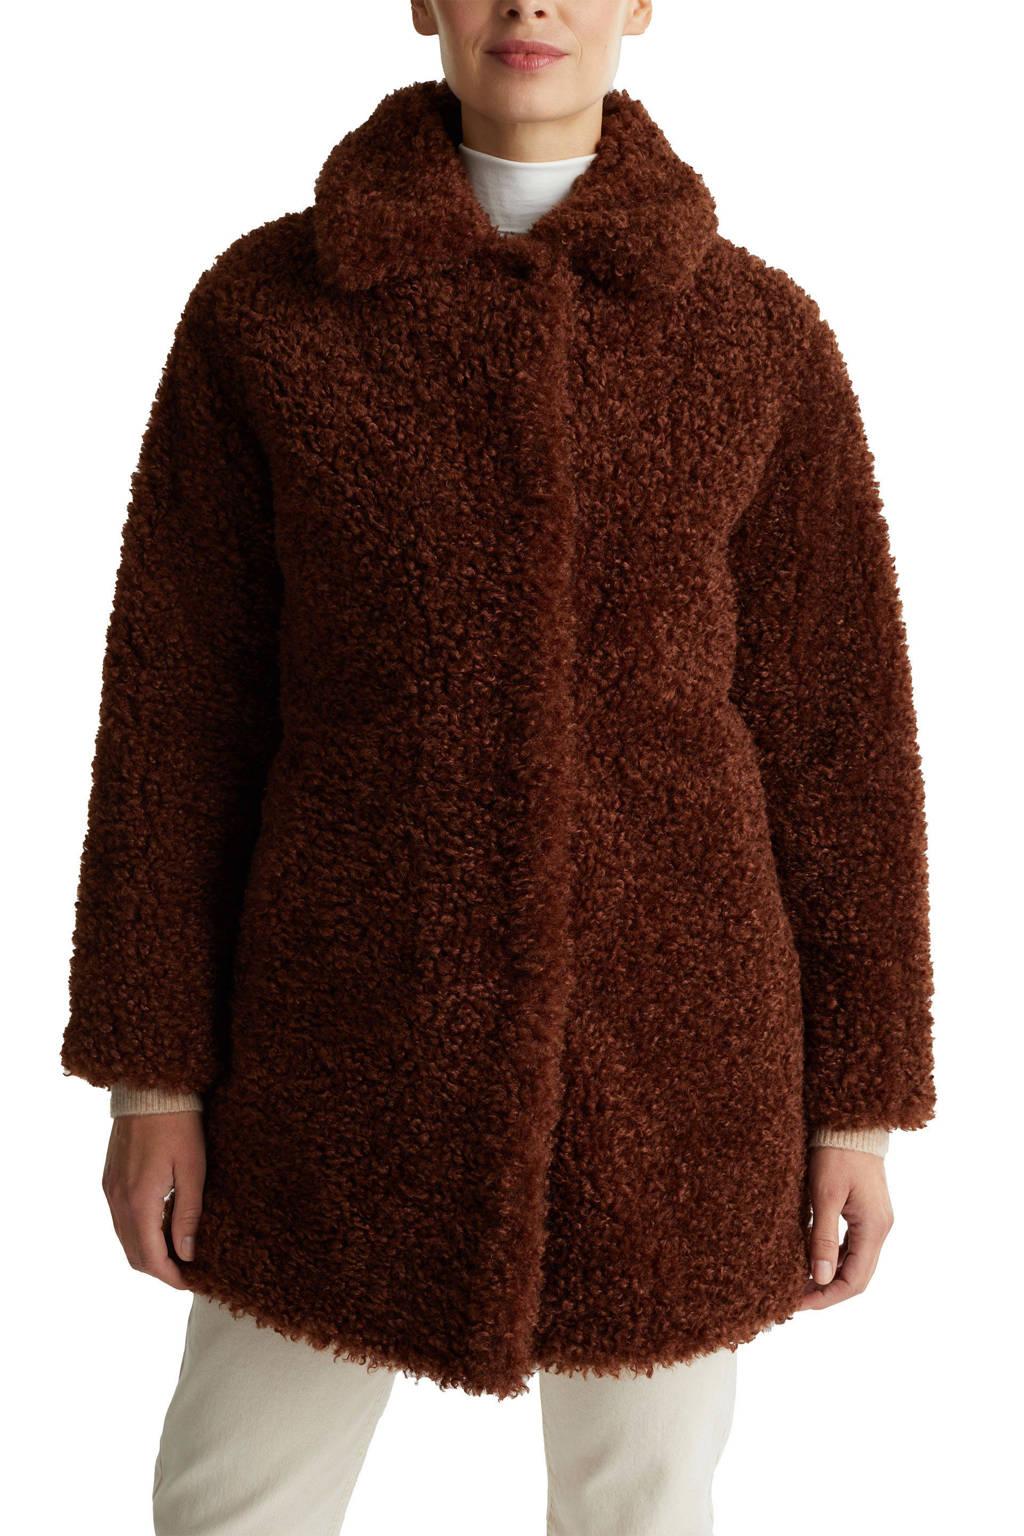 ESPRIT Women Casual teddy jas roodbruin, Roodbruin